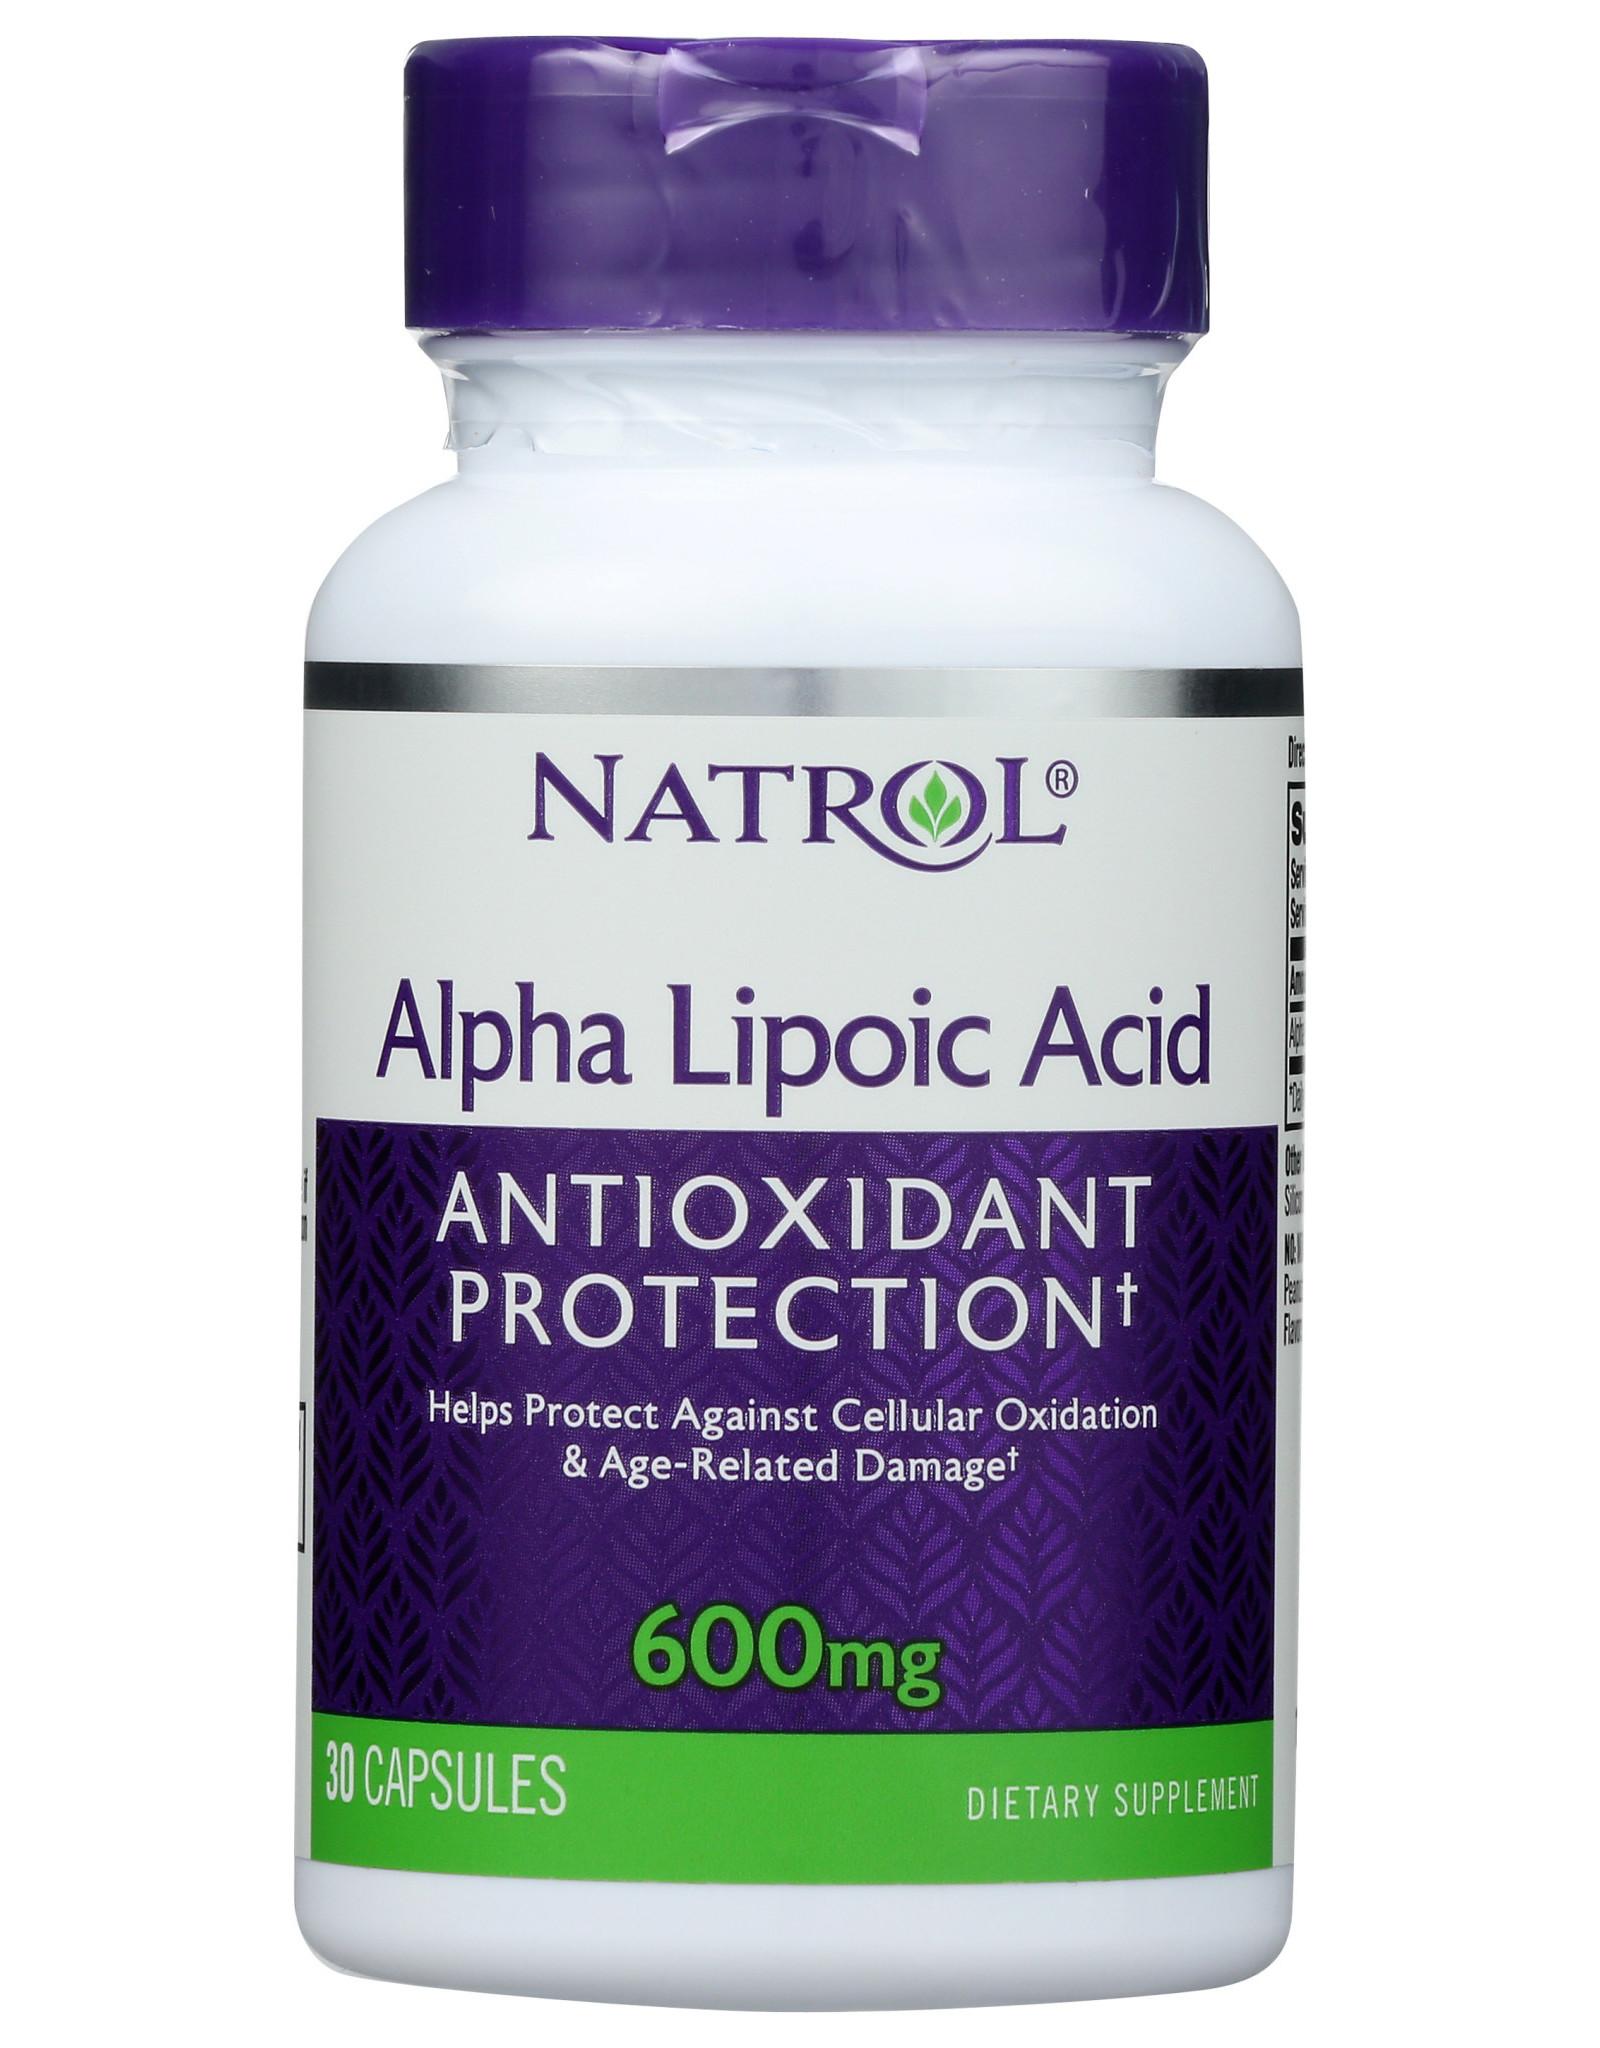 NATROL ALPHA LIPOIC ACID 600MG 30 CAP